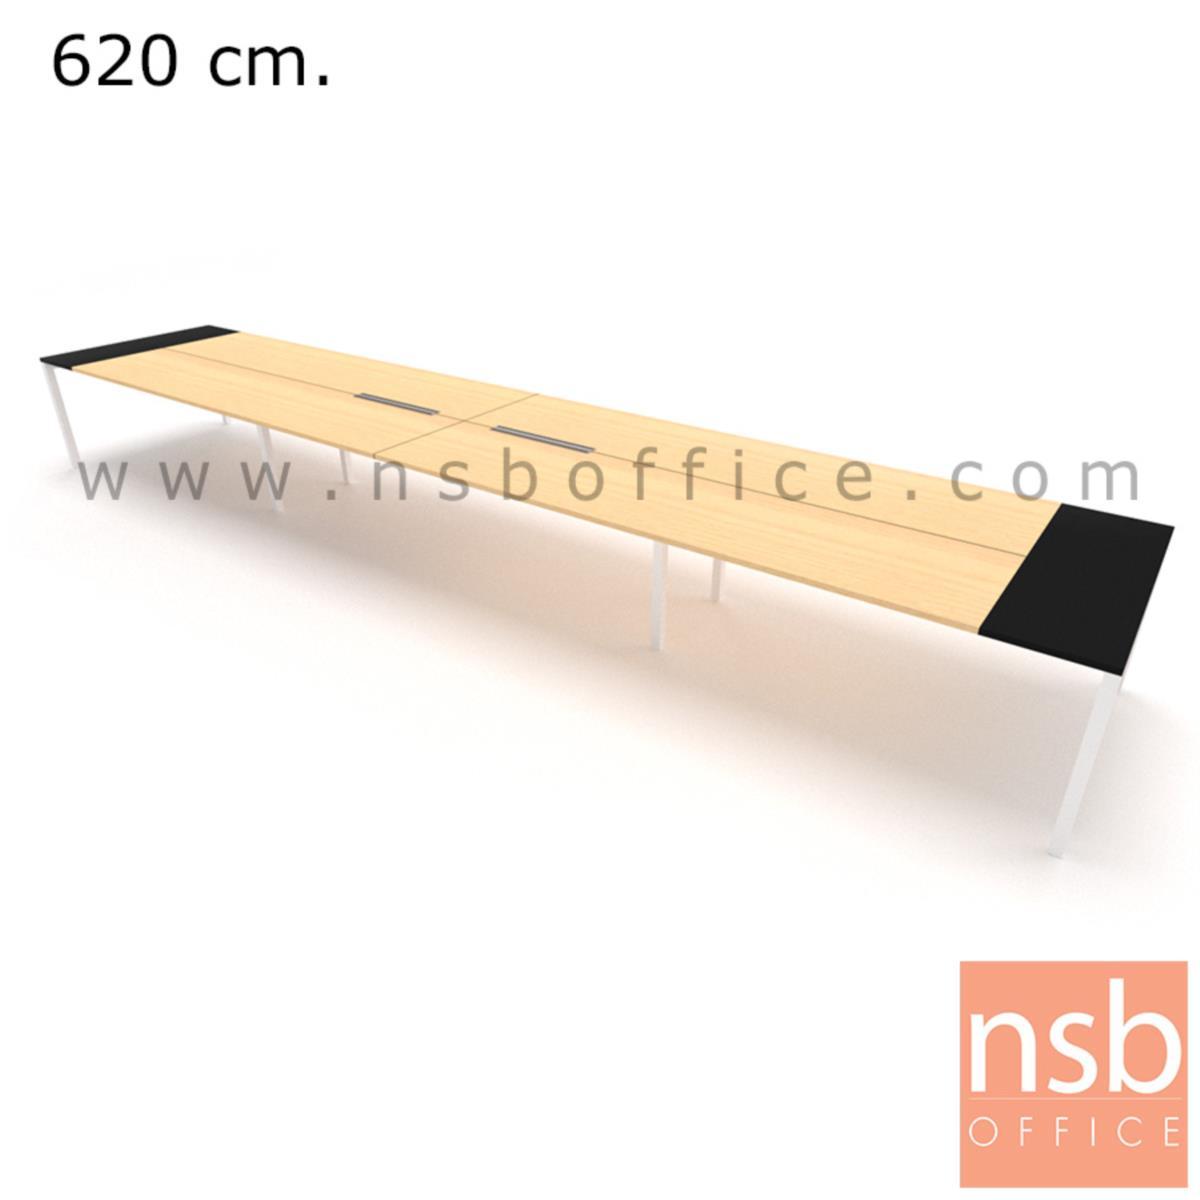 โต๊ะประชุมทรงสี่เหลี่ยม 120D cm. NSB-SQ12  พร้อม popup แบบสองทาง